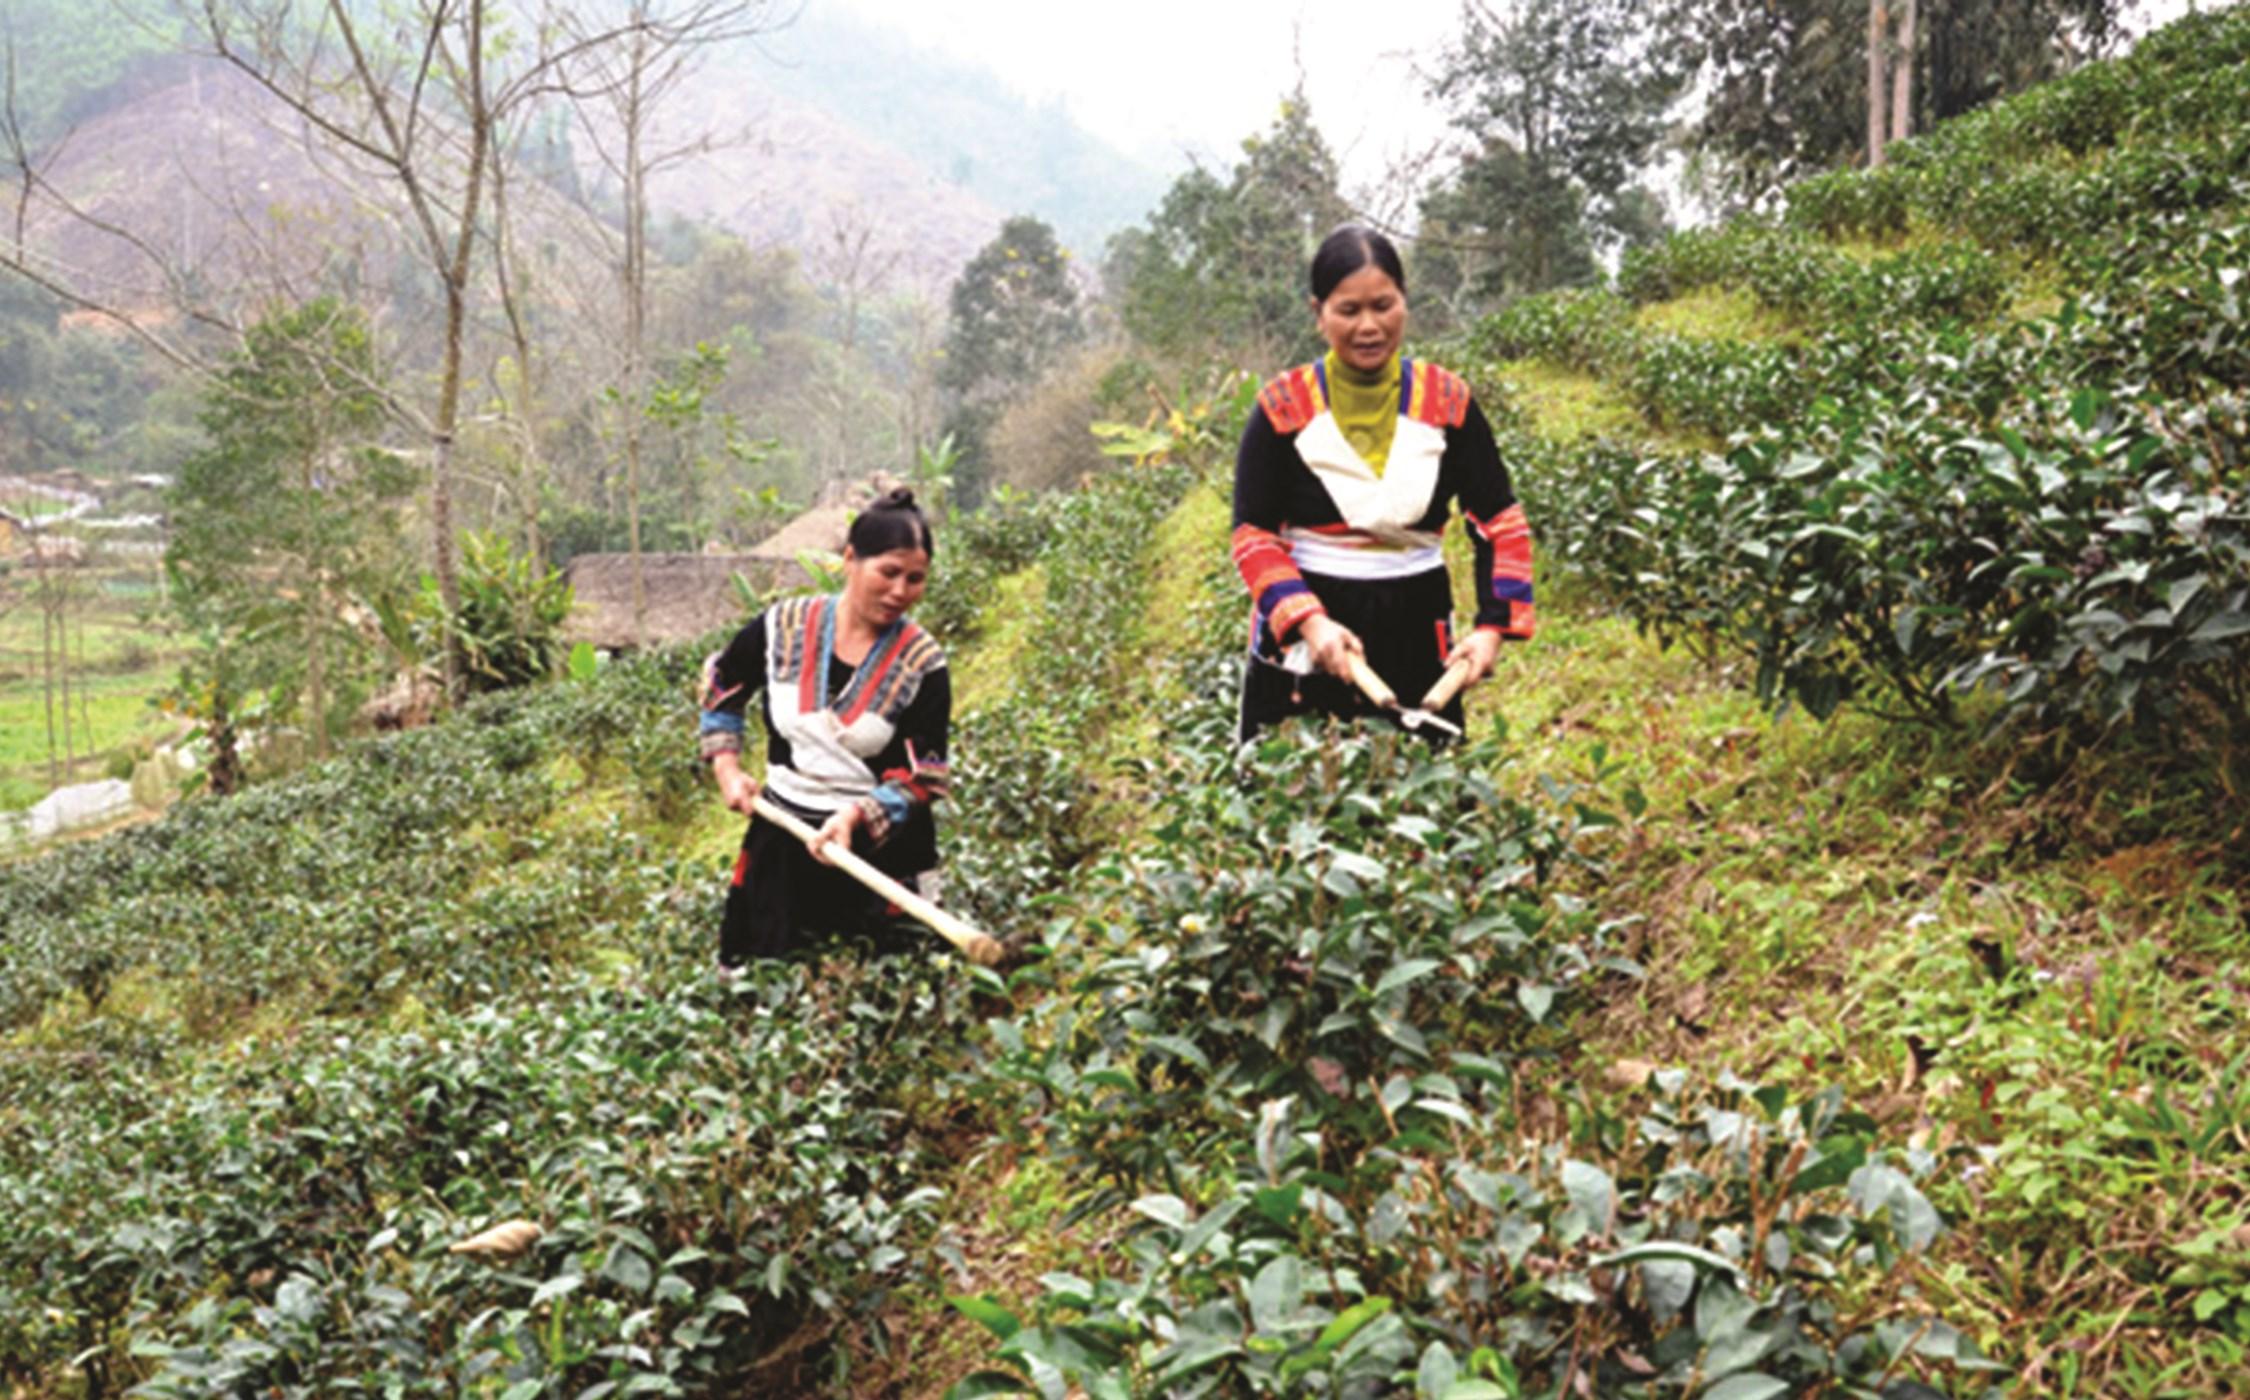 Người dân Pà Thẻn ở thôn Khuổi Hóp, xã Linh Phú (Chiêm Hóa) được hỗ trợ vốn từ Chương trình 135 để phát triển sản xuất. (Ảnh tư liệu)